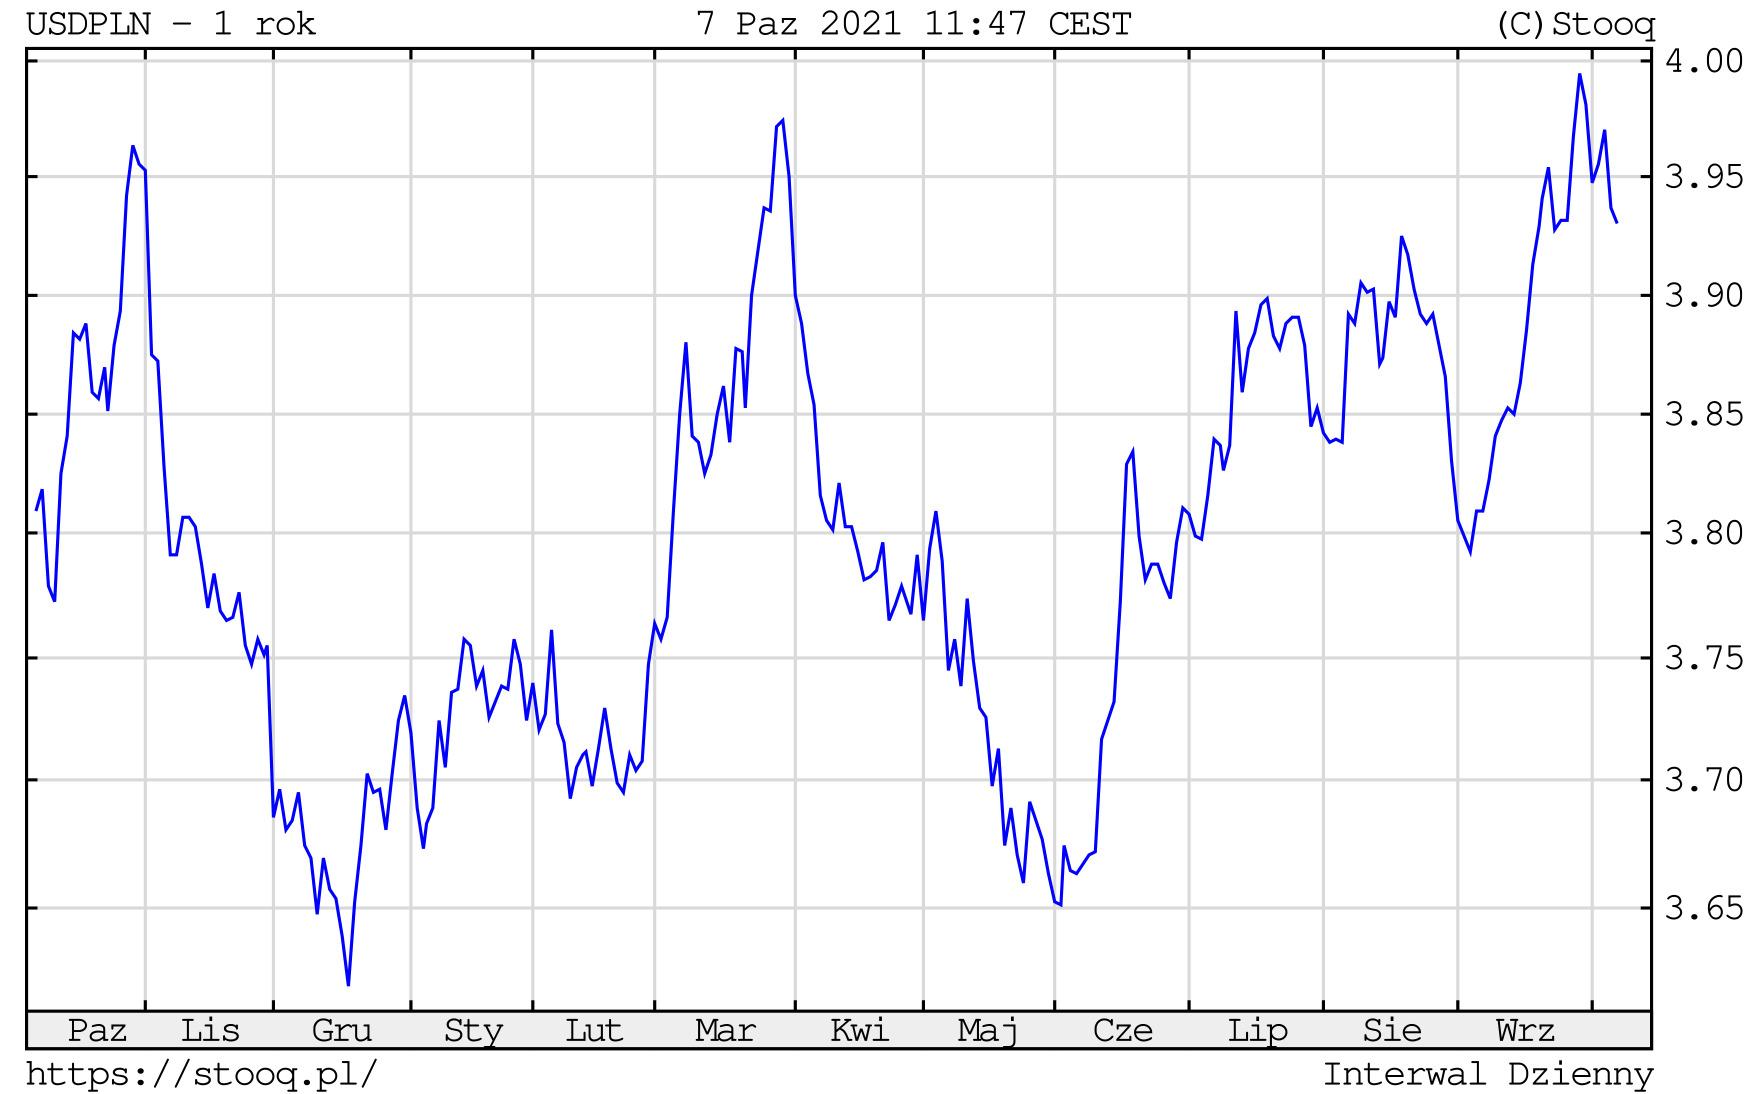 Kurs dolara w czwartek, 7 października 2021 roku. Notowania USD/PLN na wykresie dziennym